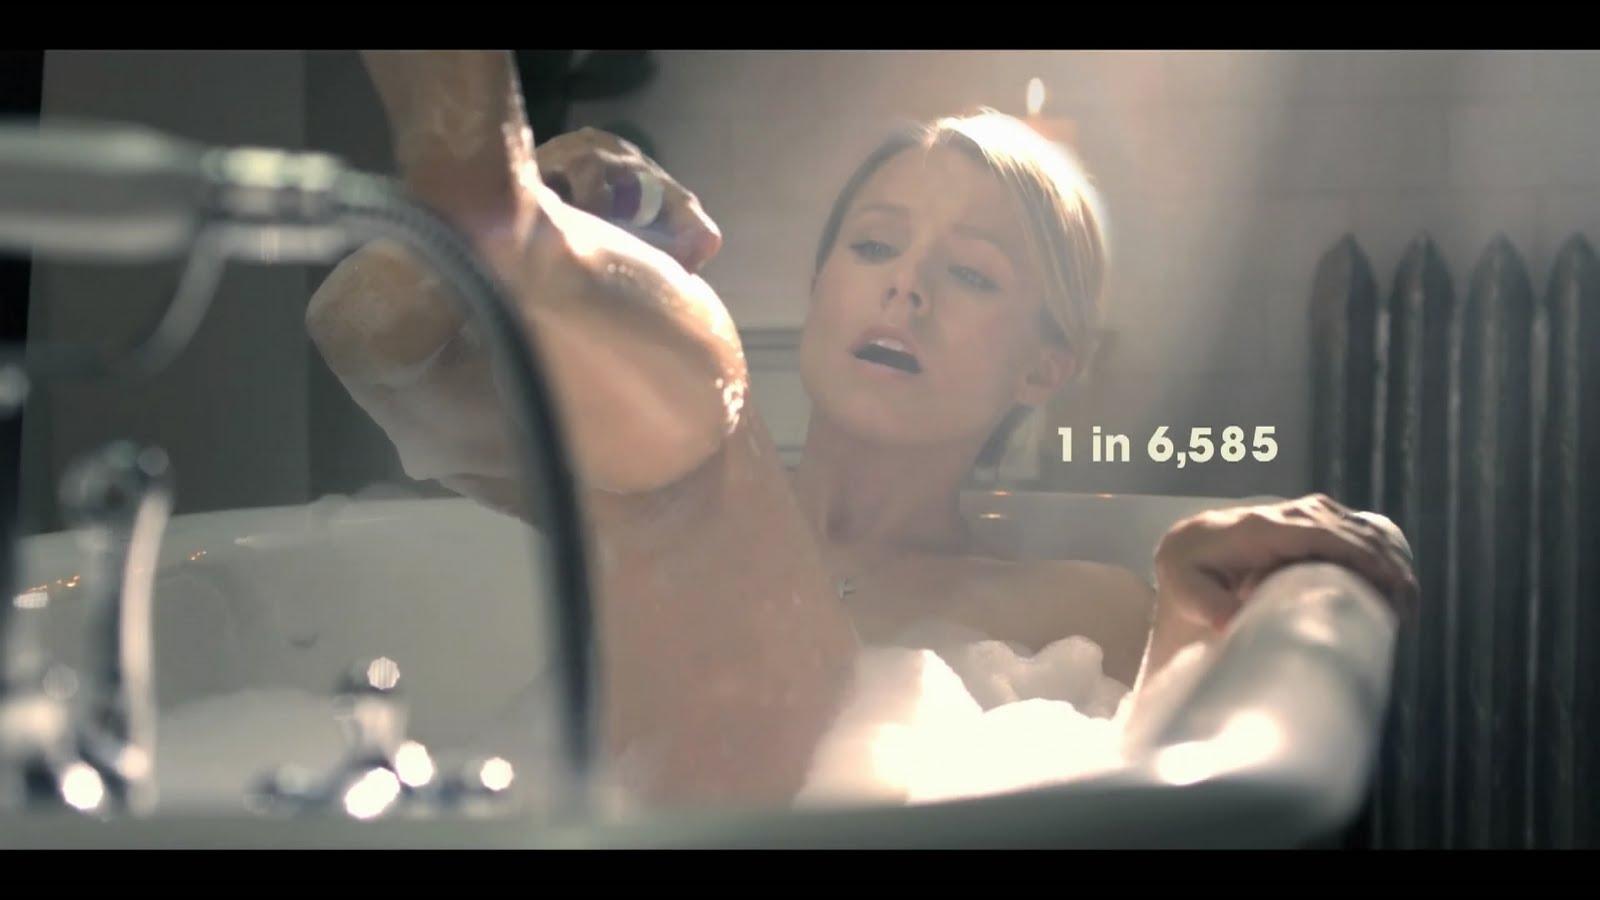 http://4.bp.blogspot.com/_-knQcvB6hEw/TKNA6Q-t5eI/AAAAAAAAI-Y/7YXQOfWjA-M/s1600/Kristen+Bell+shaving+her+leg+in+bathtub+-+Stand+Up+To+Cancer+ad6.jpg